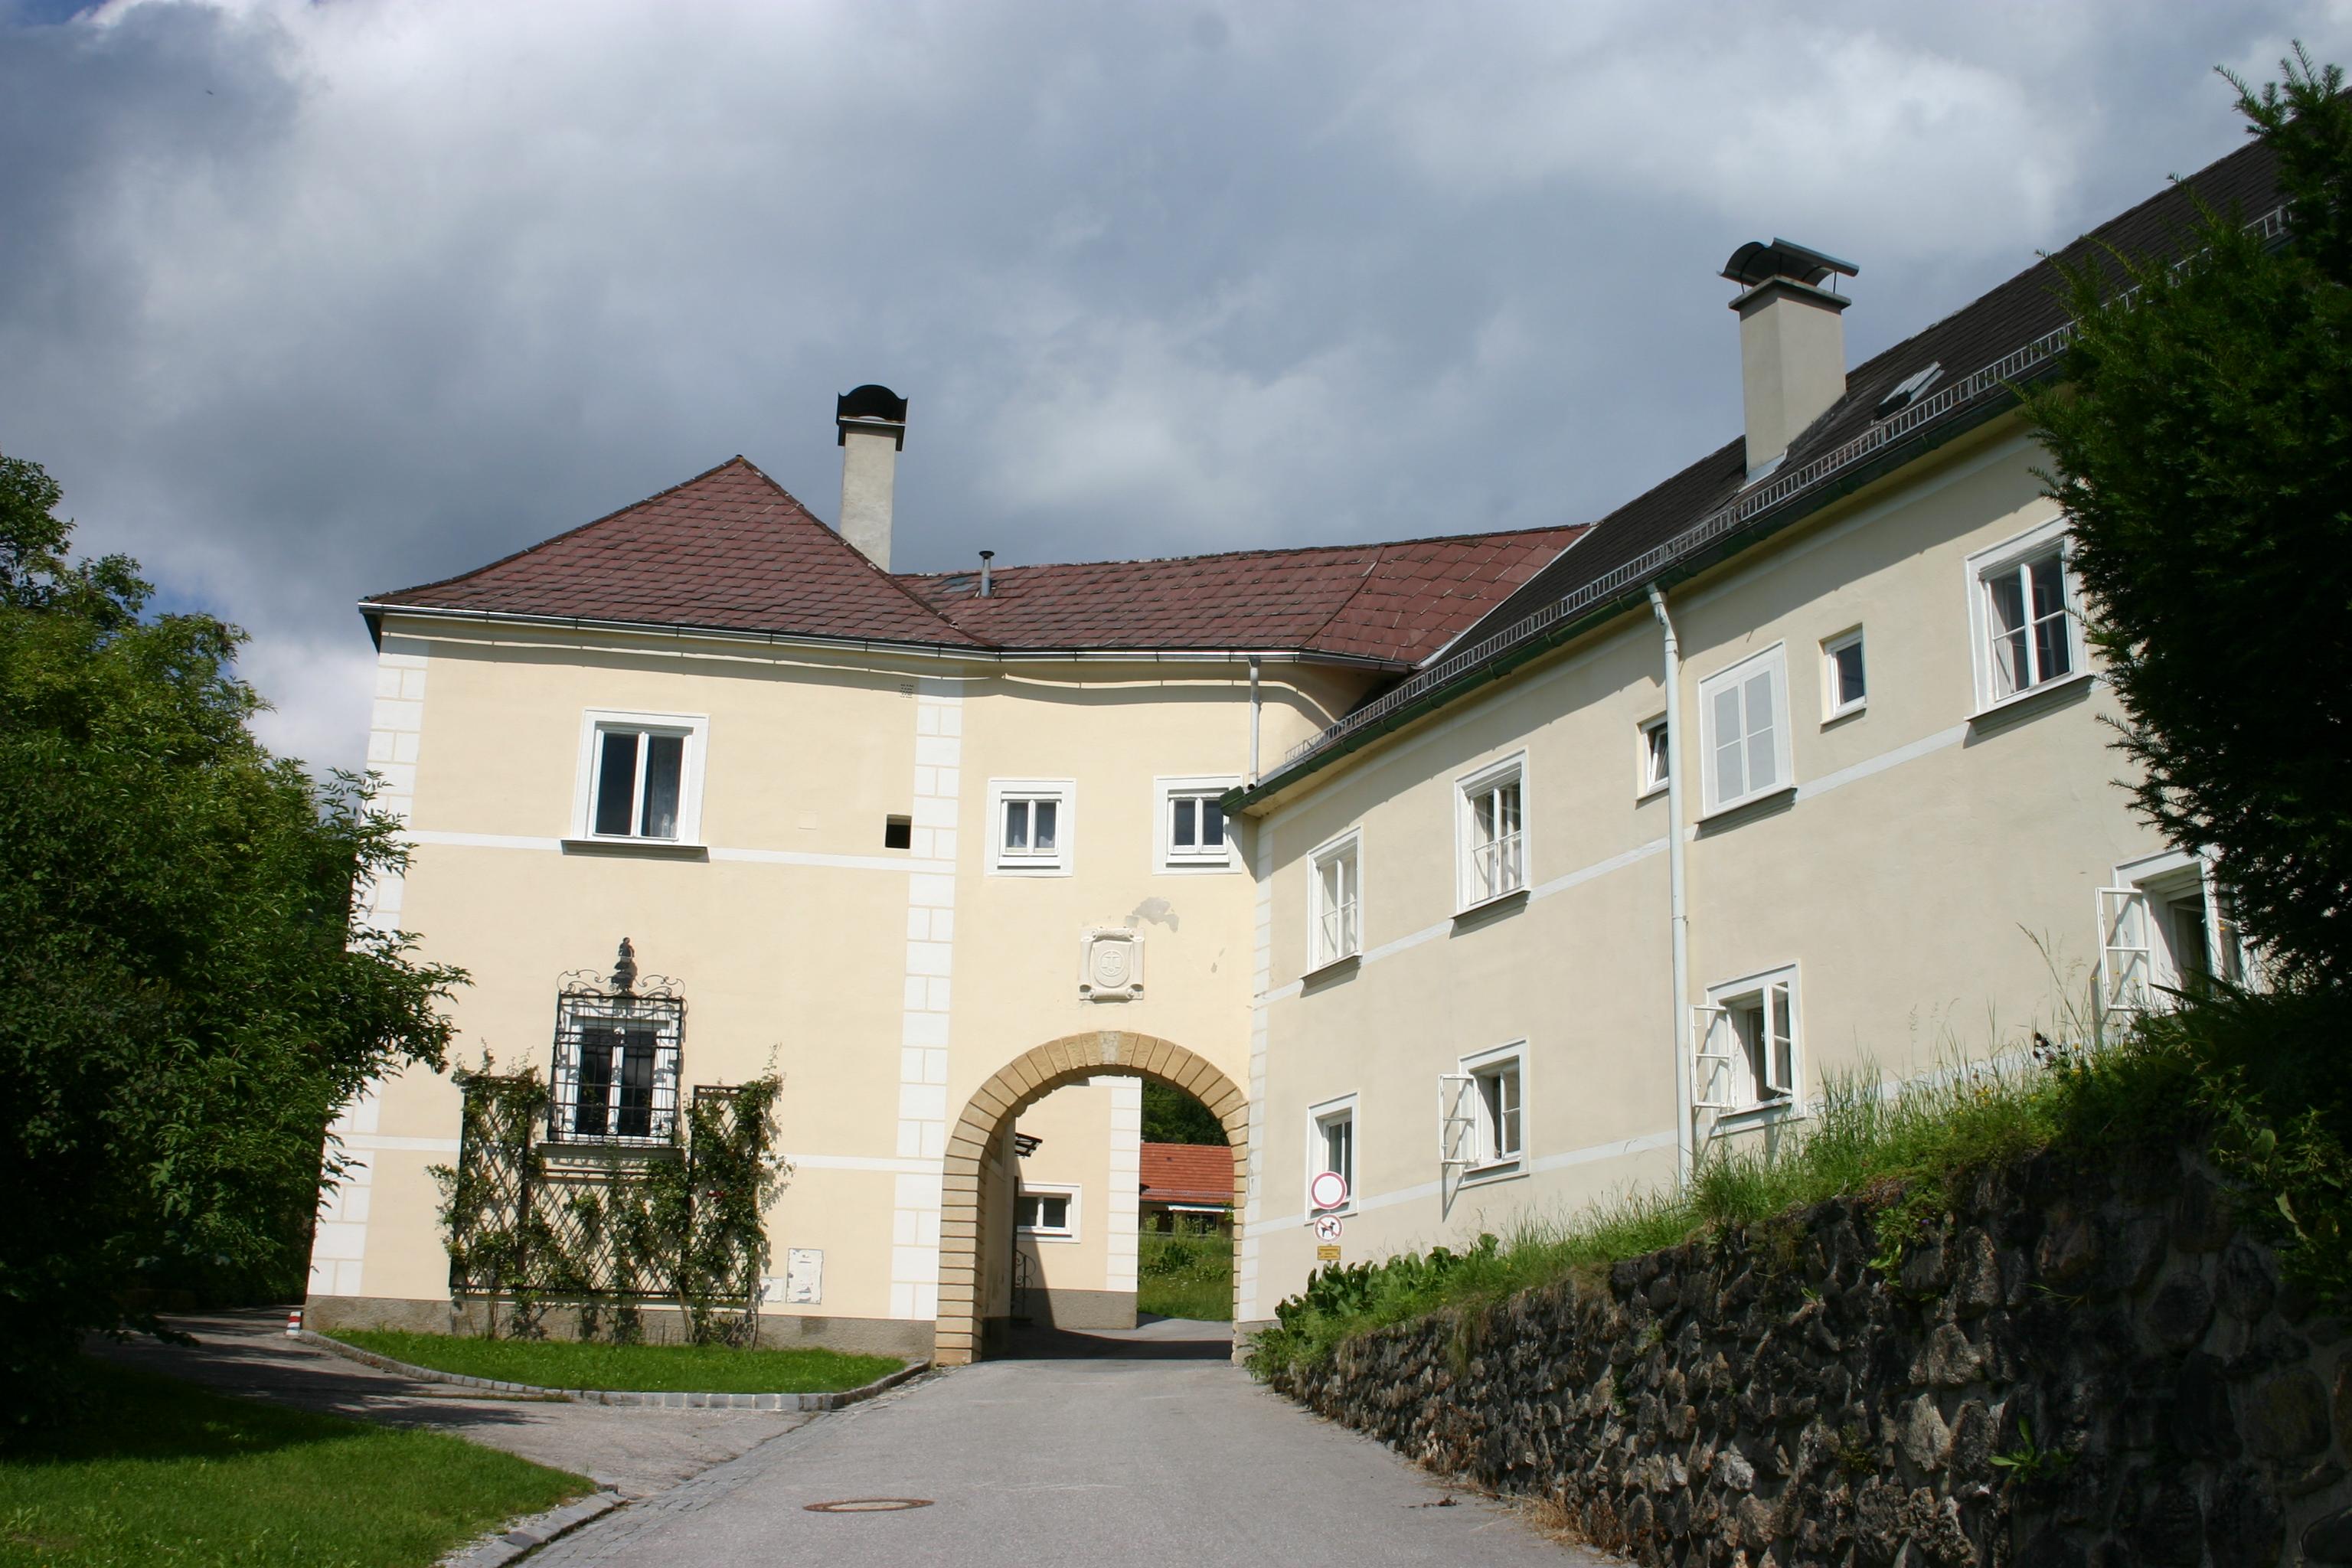 Kirchberg_am_Wechsel_Dominikanerinnen-Kloster_Sede della Fondazone Wittgensteinjpg